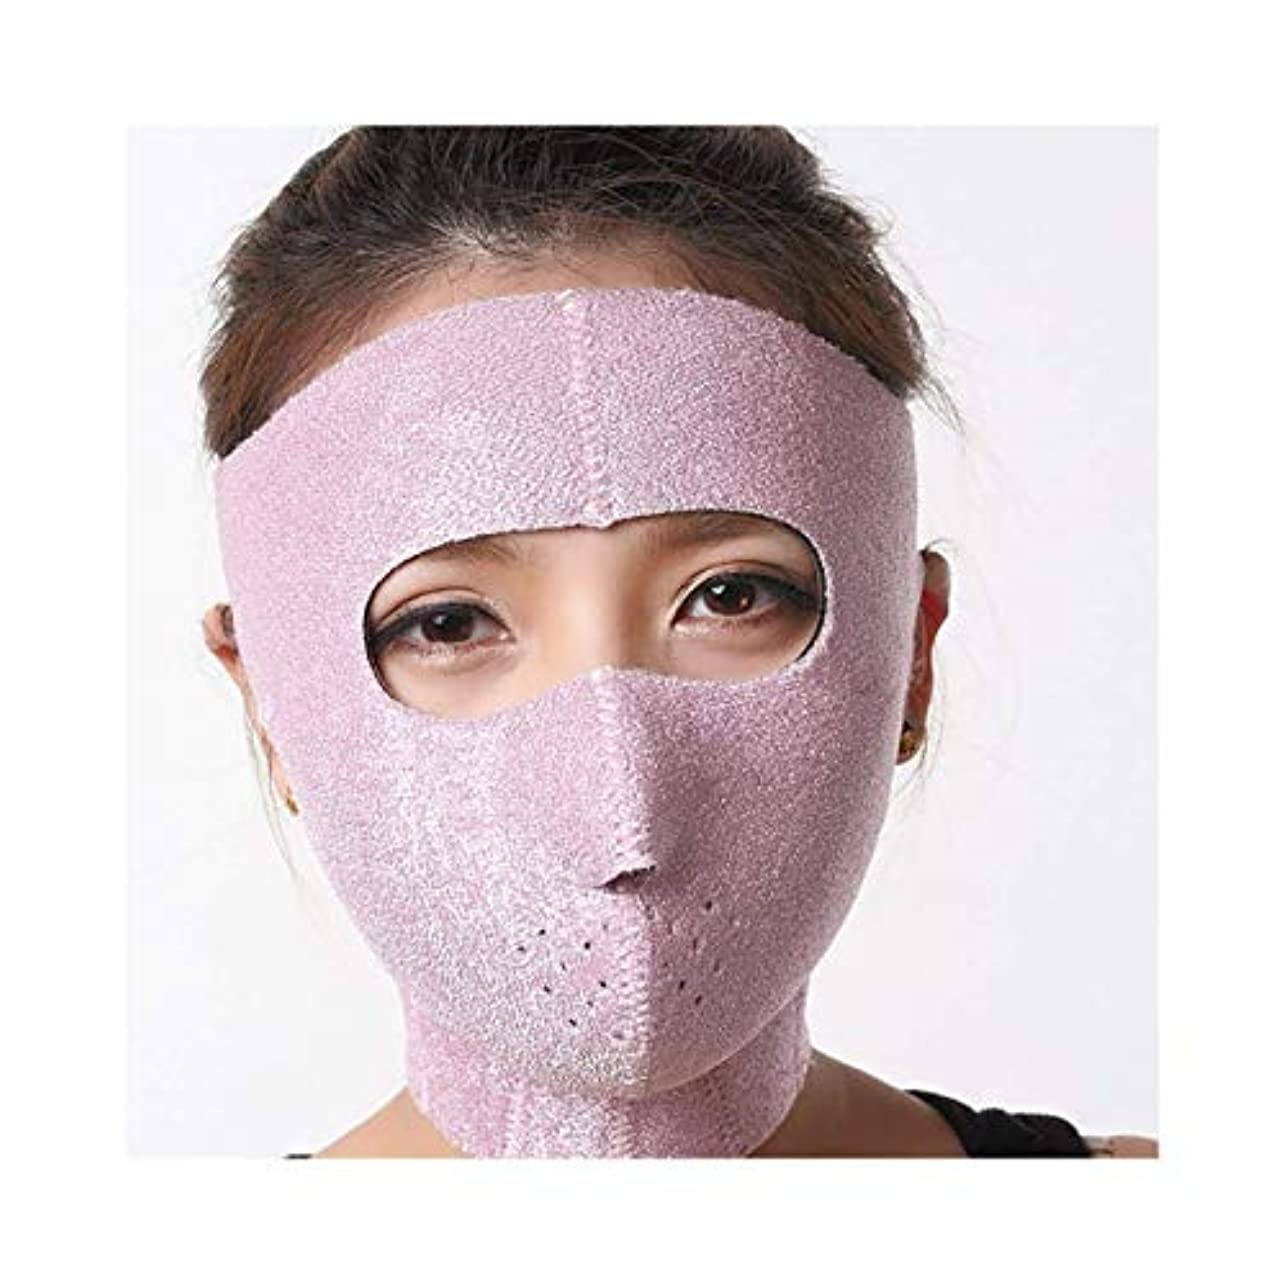 マークされた反応する魅惑的なスリミングベルト、フェイシャルマスク薄い顔マスク睡眠薄い顔マスク薄い顔包帯薄い顔アーティファクト薄い顔顔リフティング薄い顔小さなV顔睡眠薄い顔ベルト